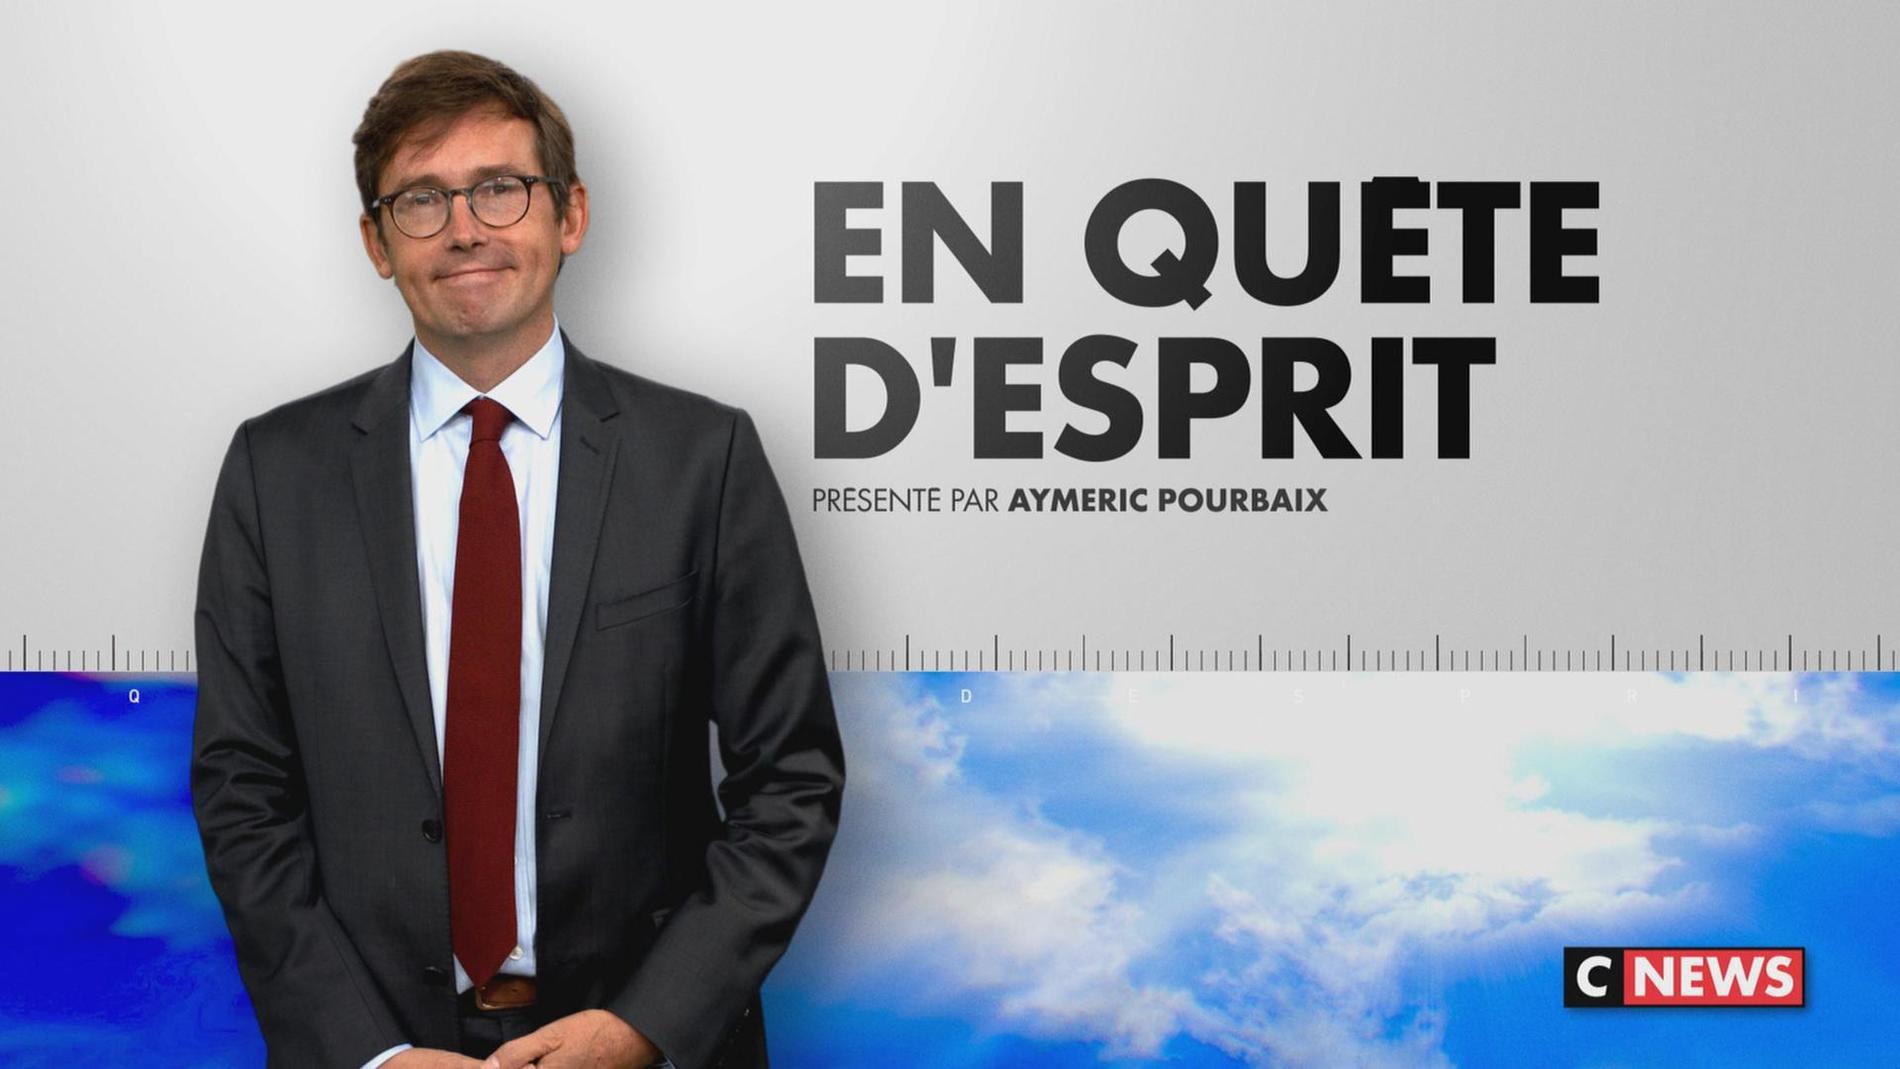 https://static.cnews.fr/sites/default/files/Reporters/1211208_-_en_quete_desprit_6025597c1686b.jpg